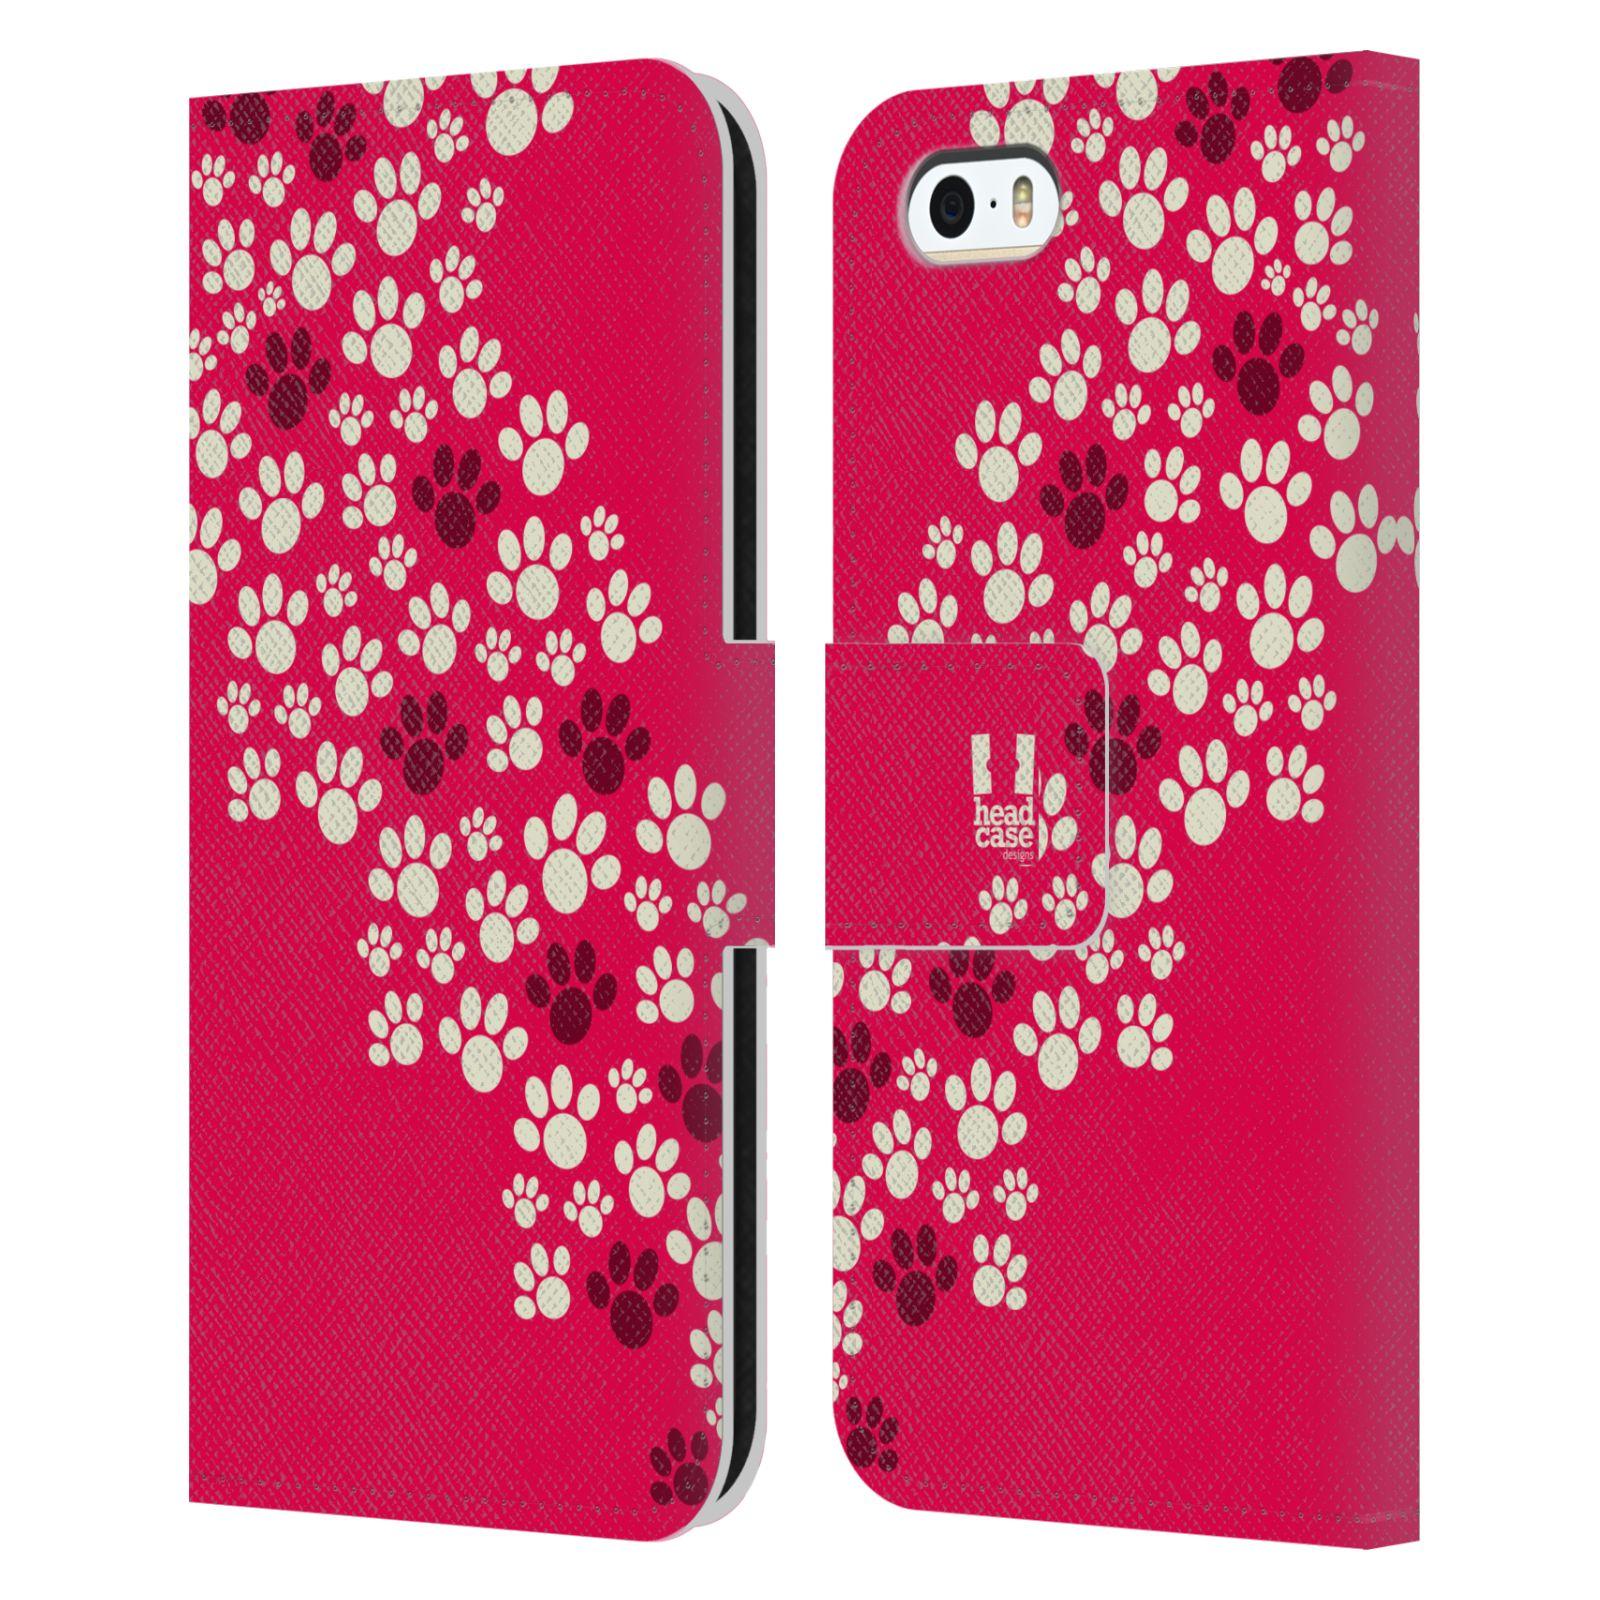 HEAD CASE Flipové pouzdro pro mobil Apple Iphone 5/5s Pejsek ťapky růžová barva